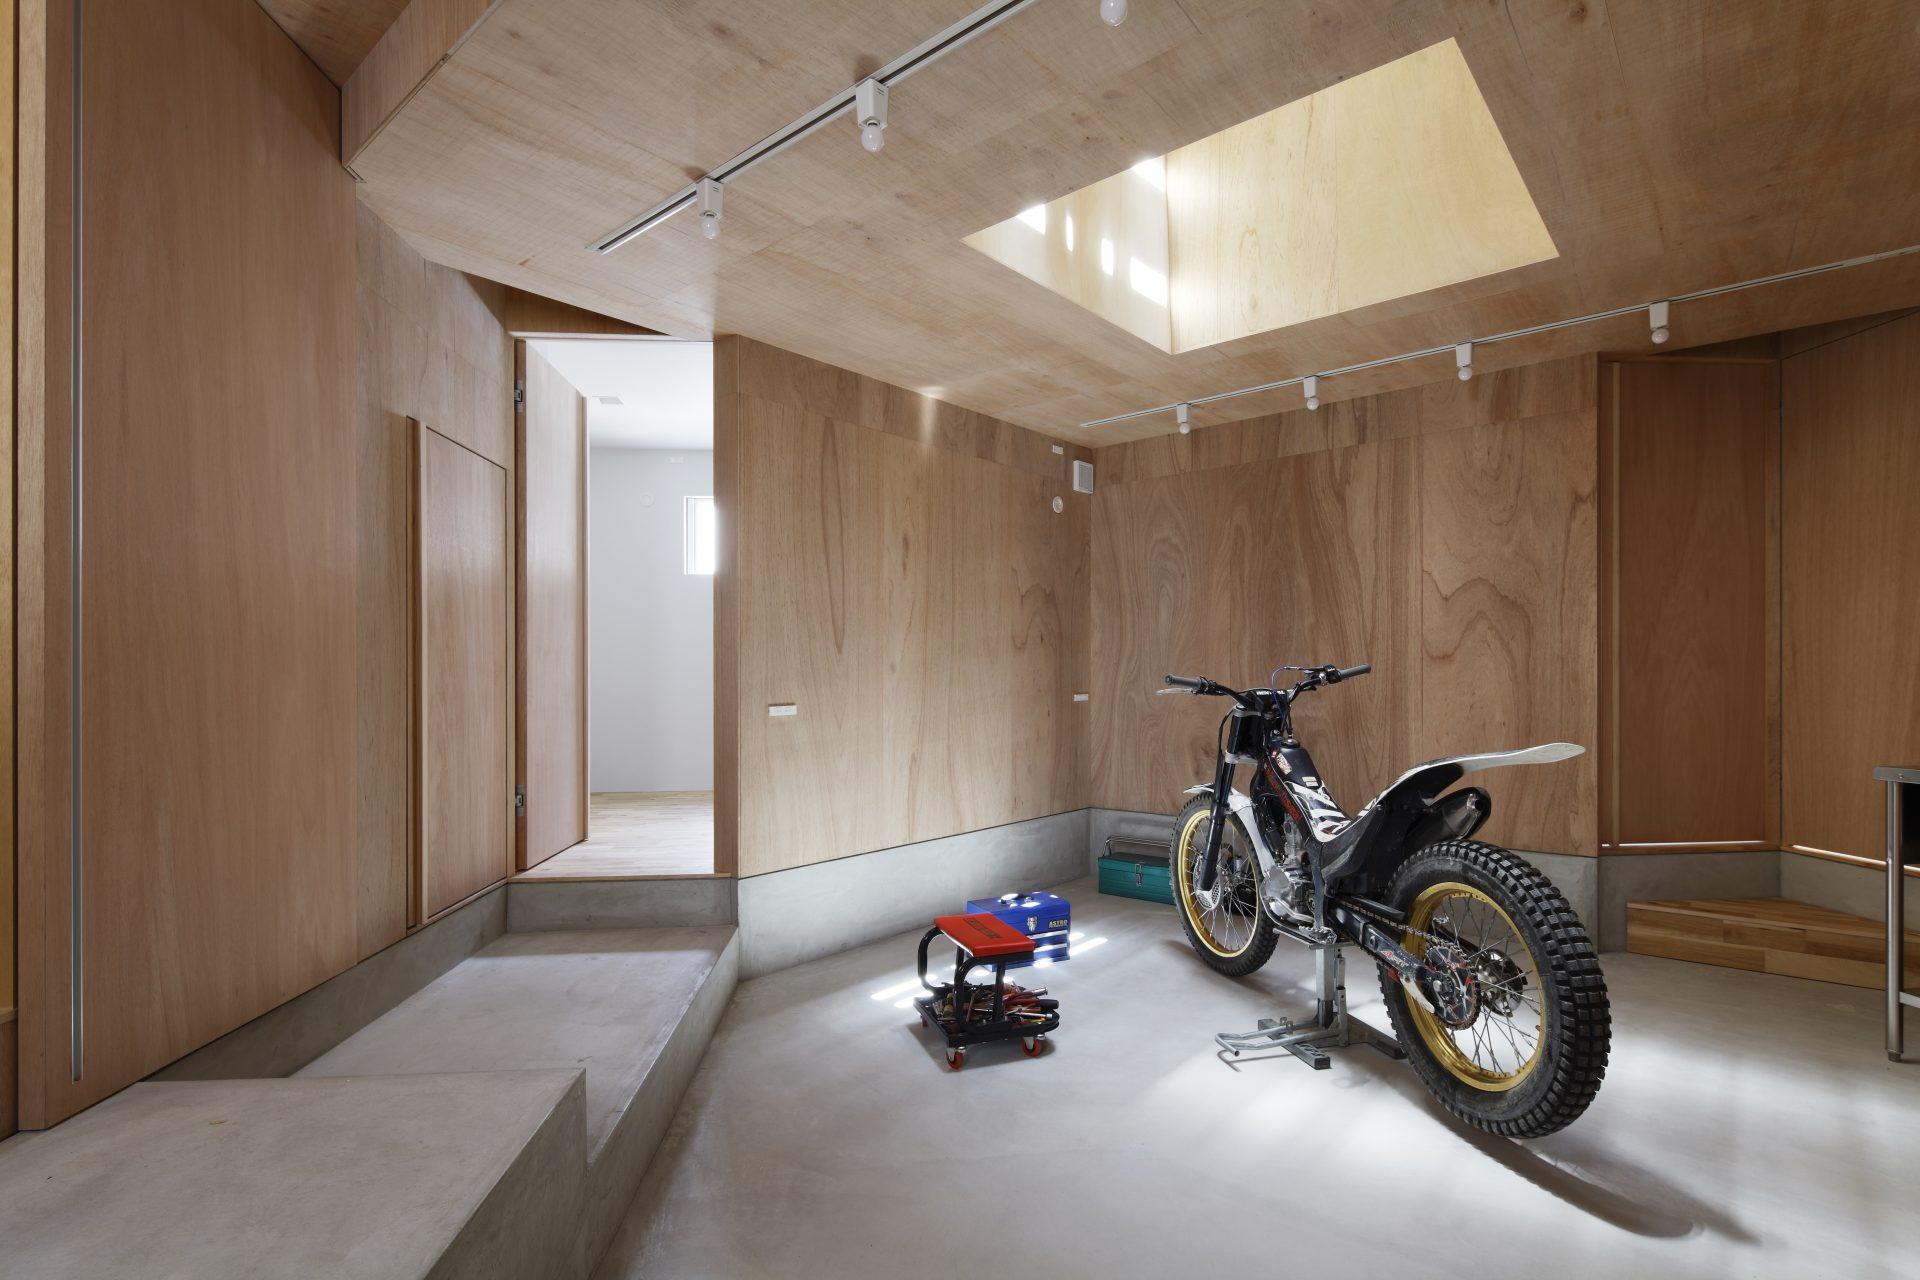 大阪長瀬のバイクガレージハウス|建築士の注文住宅のガレージ01